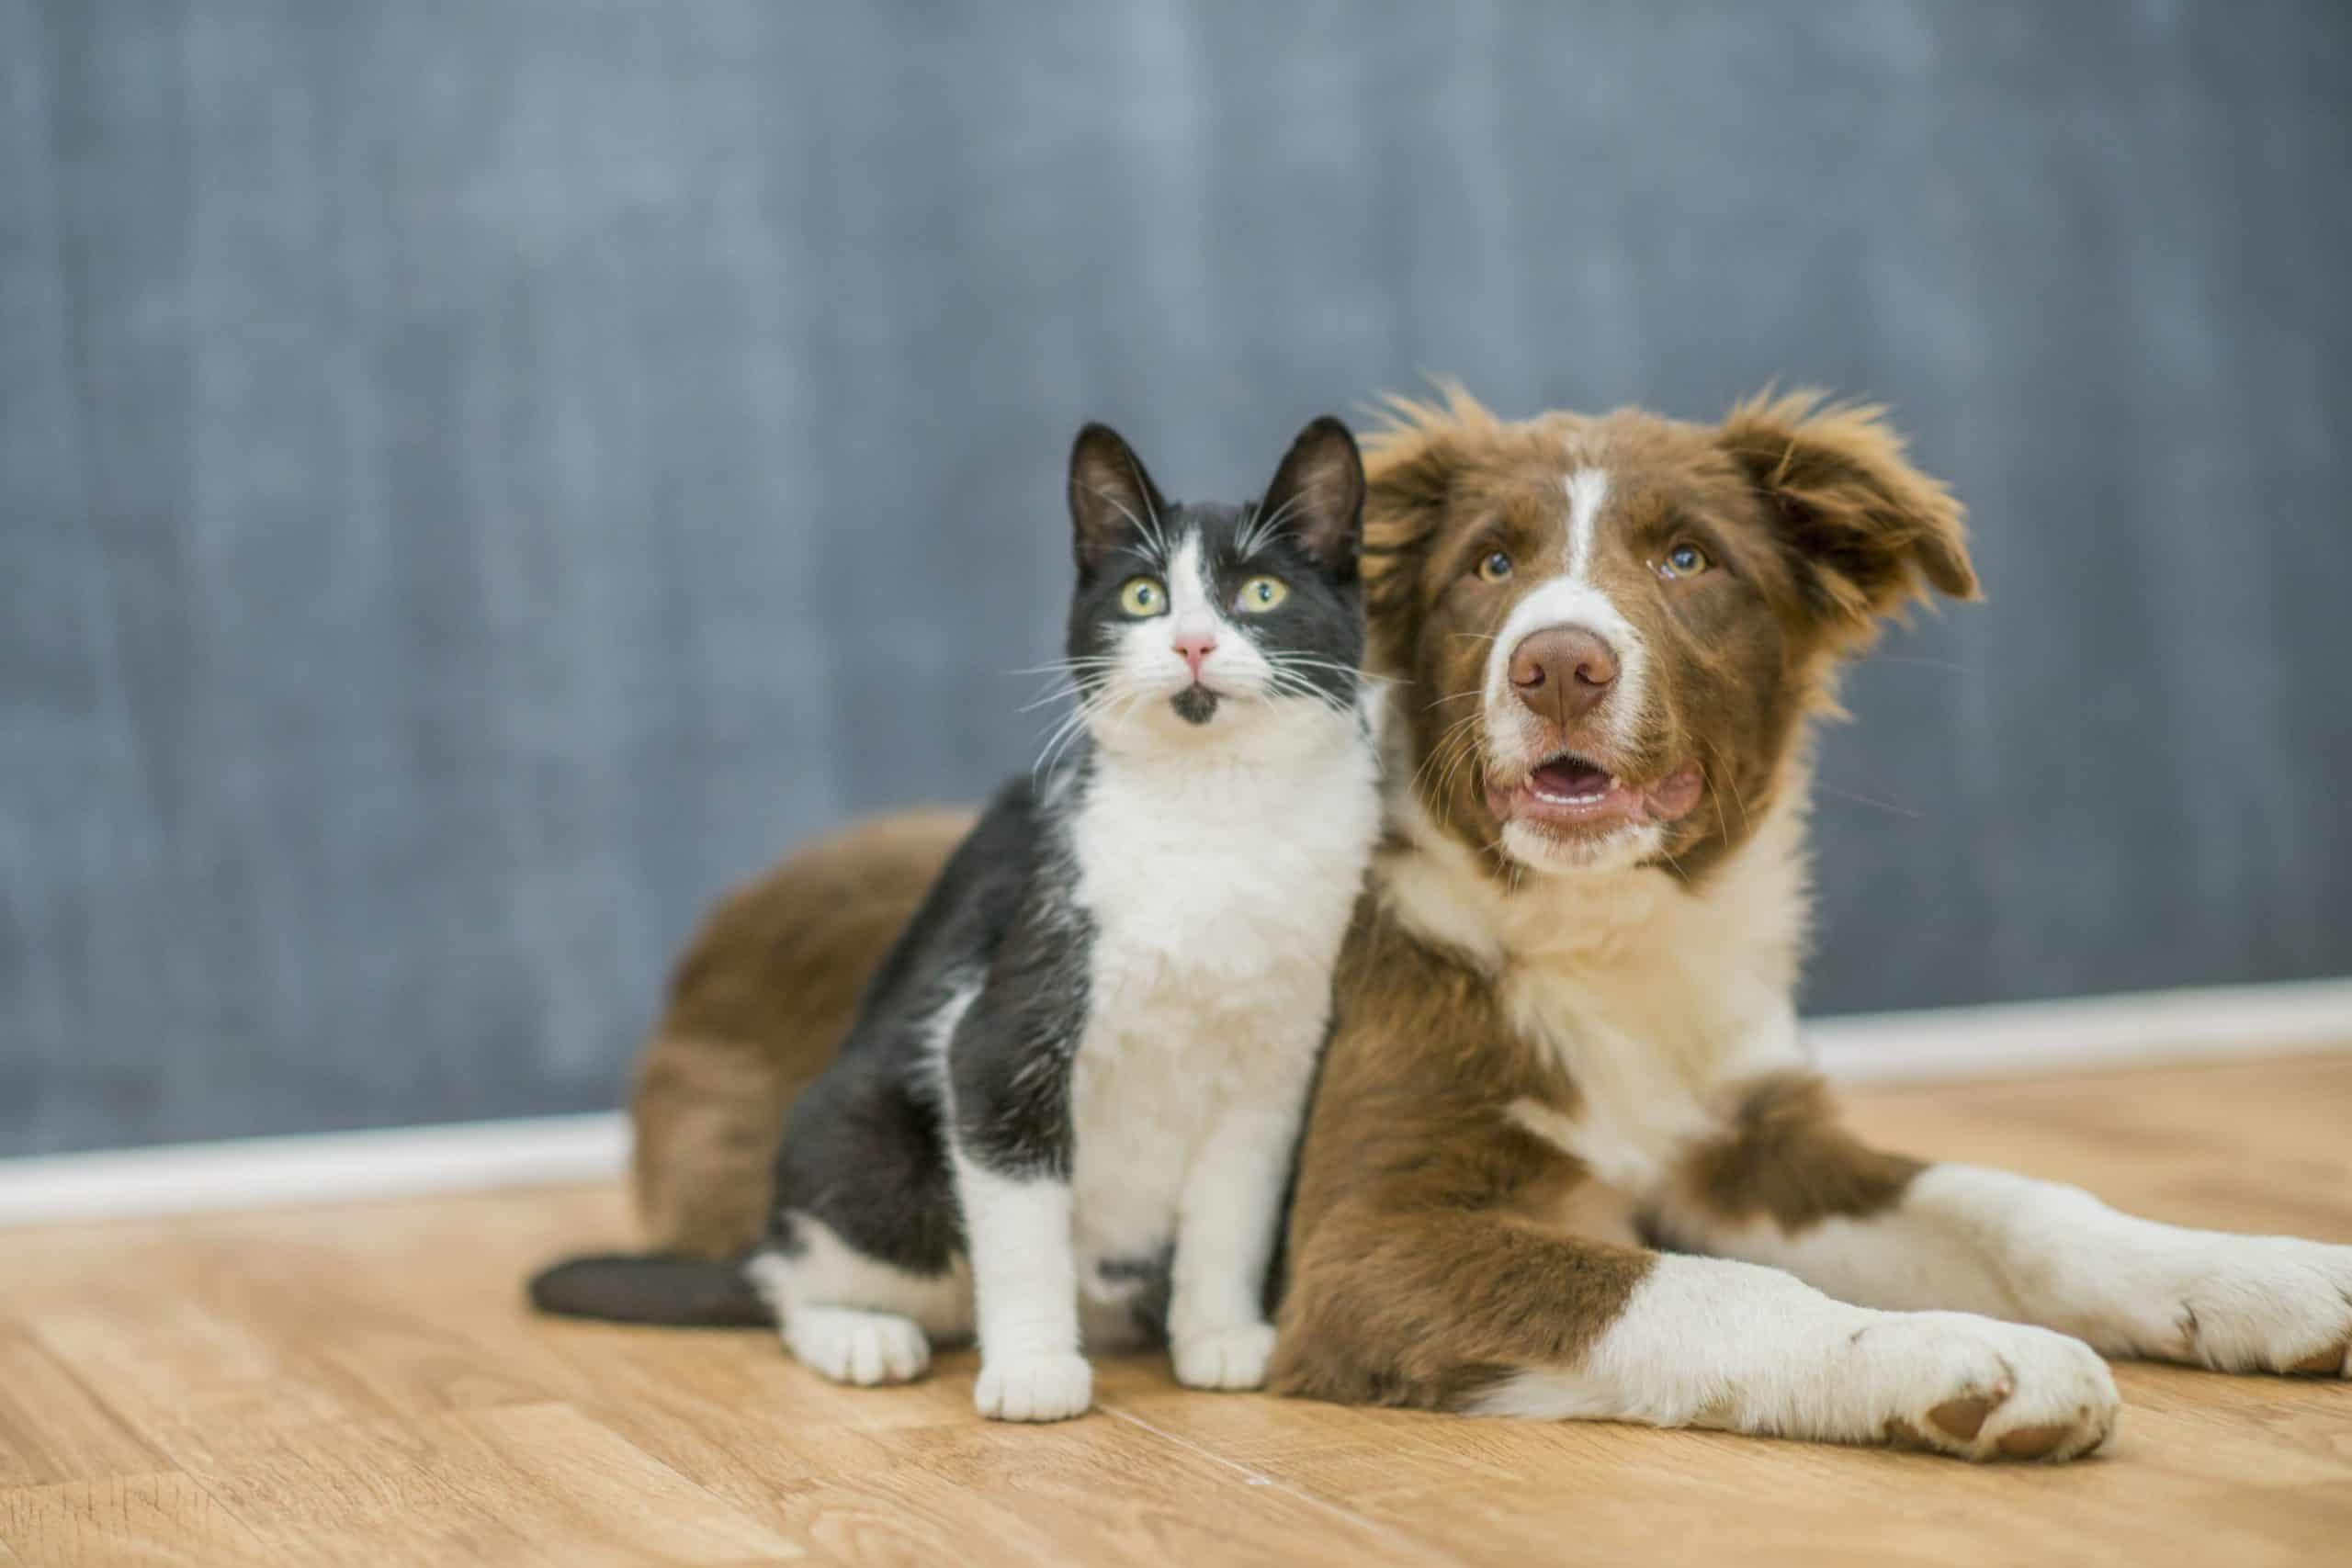 Australia: las personas que abusen de sus mascotas deberán pagar una multa de hasta $110000 y podrán enfrentar hasta 2 años de prisión